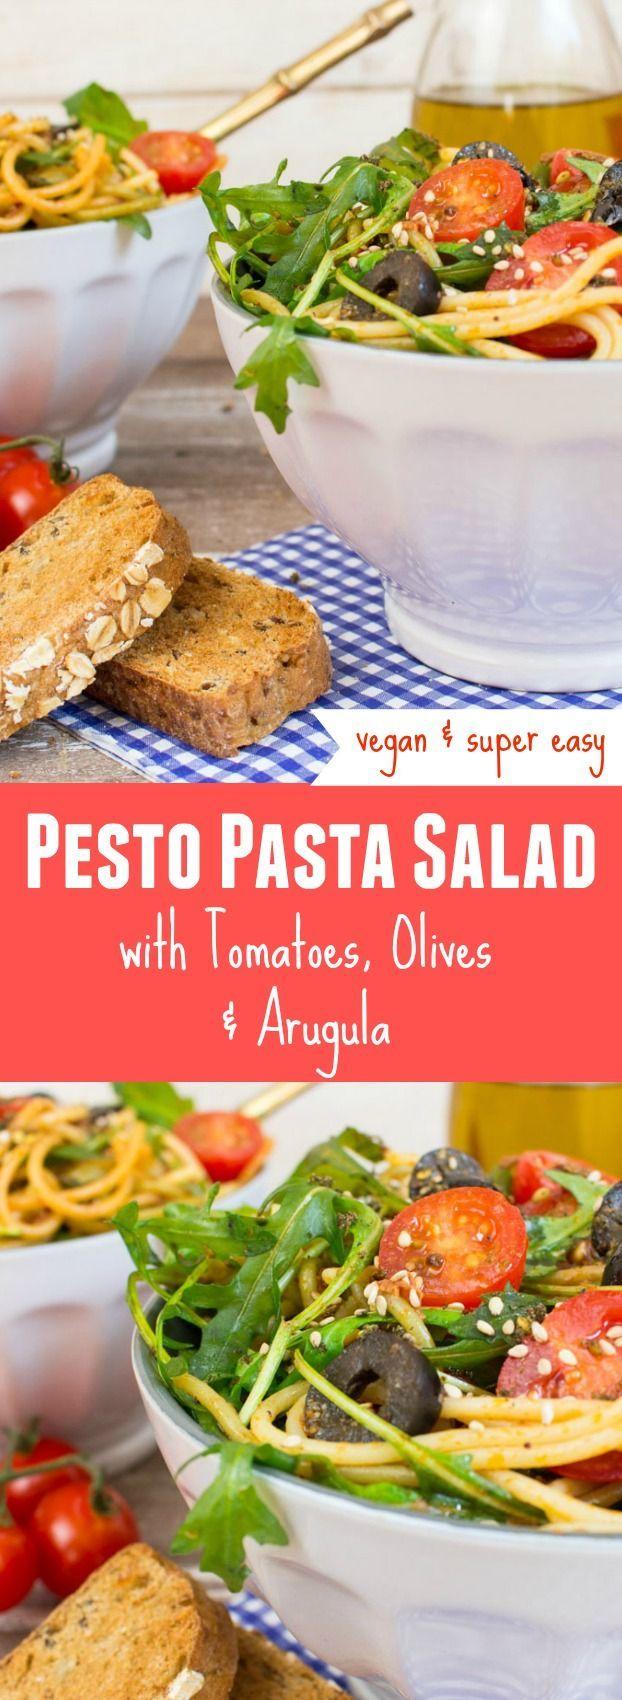 Vegan pesto pasta salad recipe